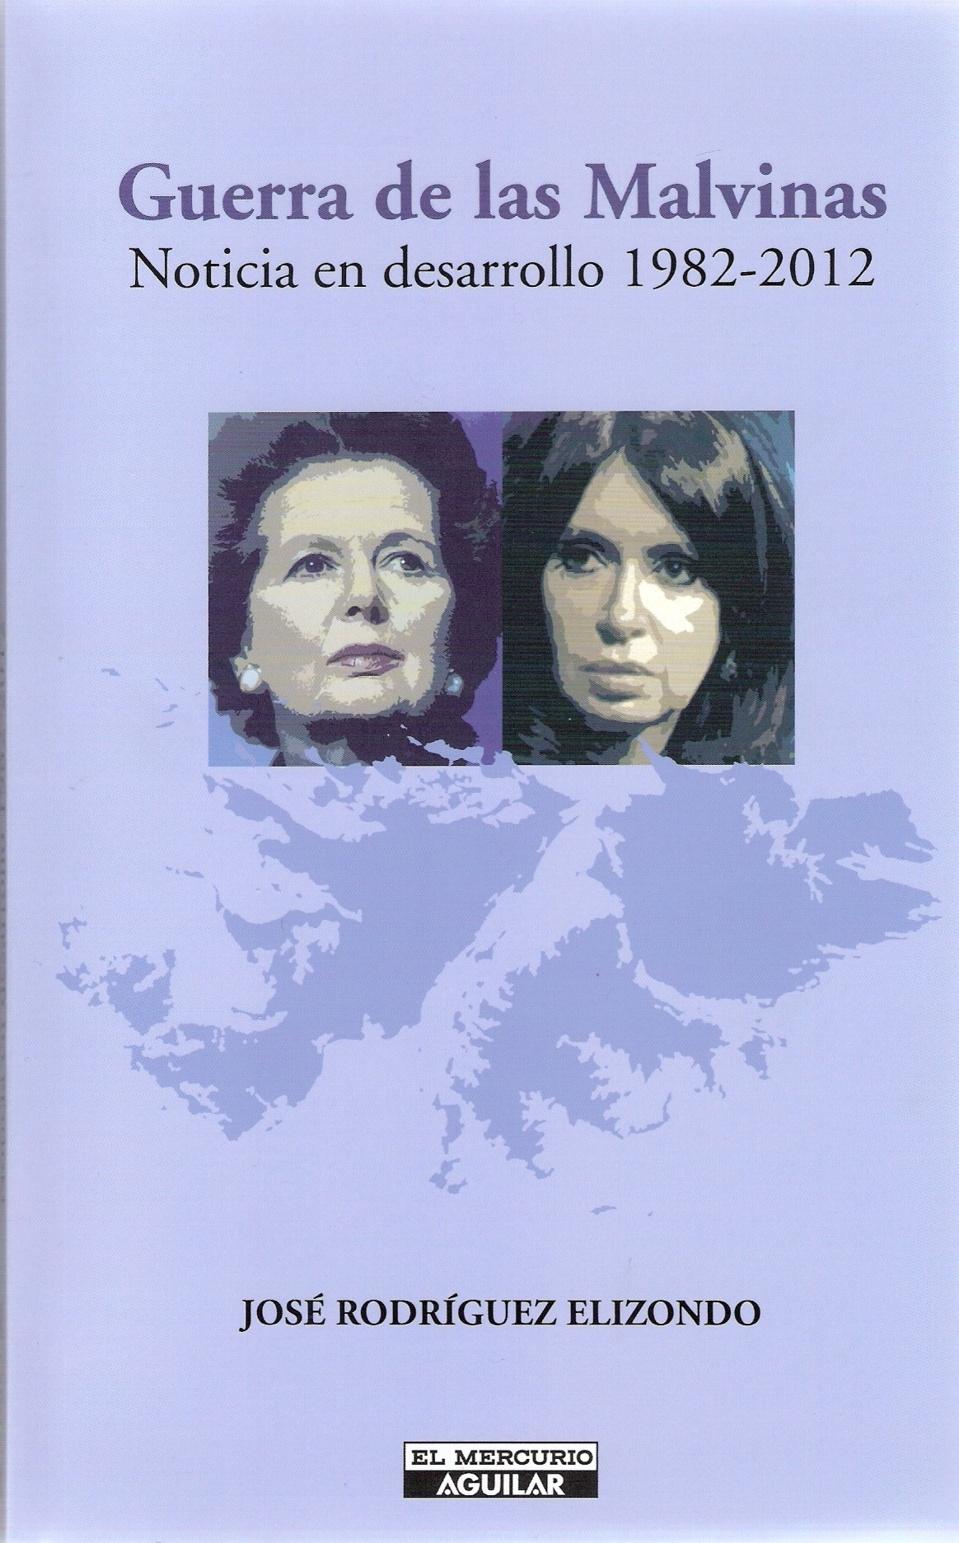 Guerra de las Malvinas, noticia en desarrollo